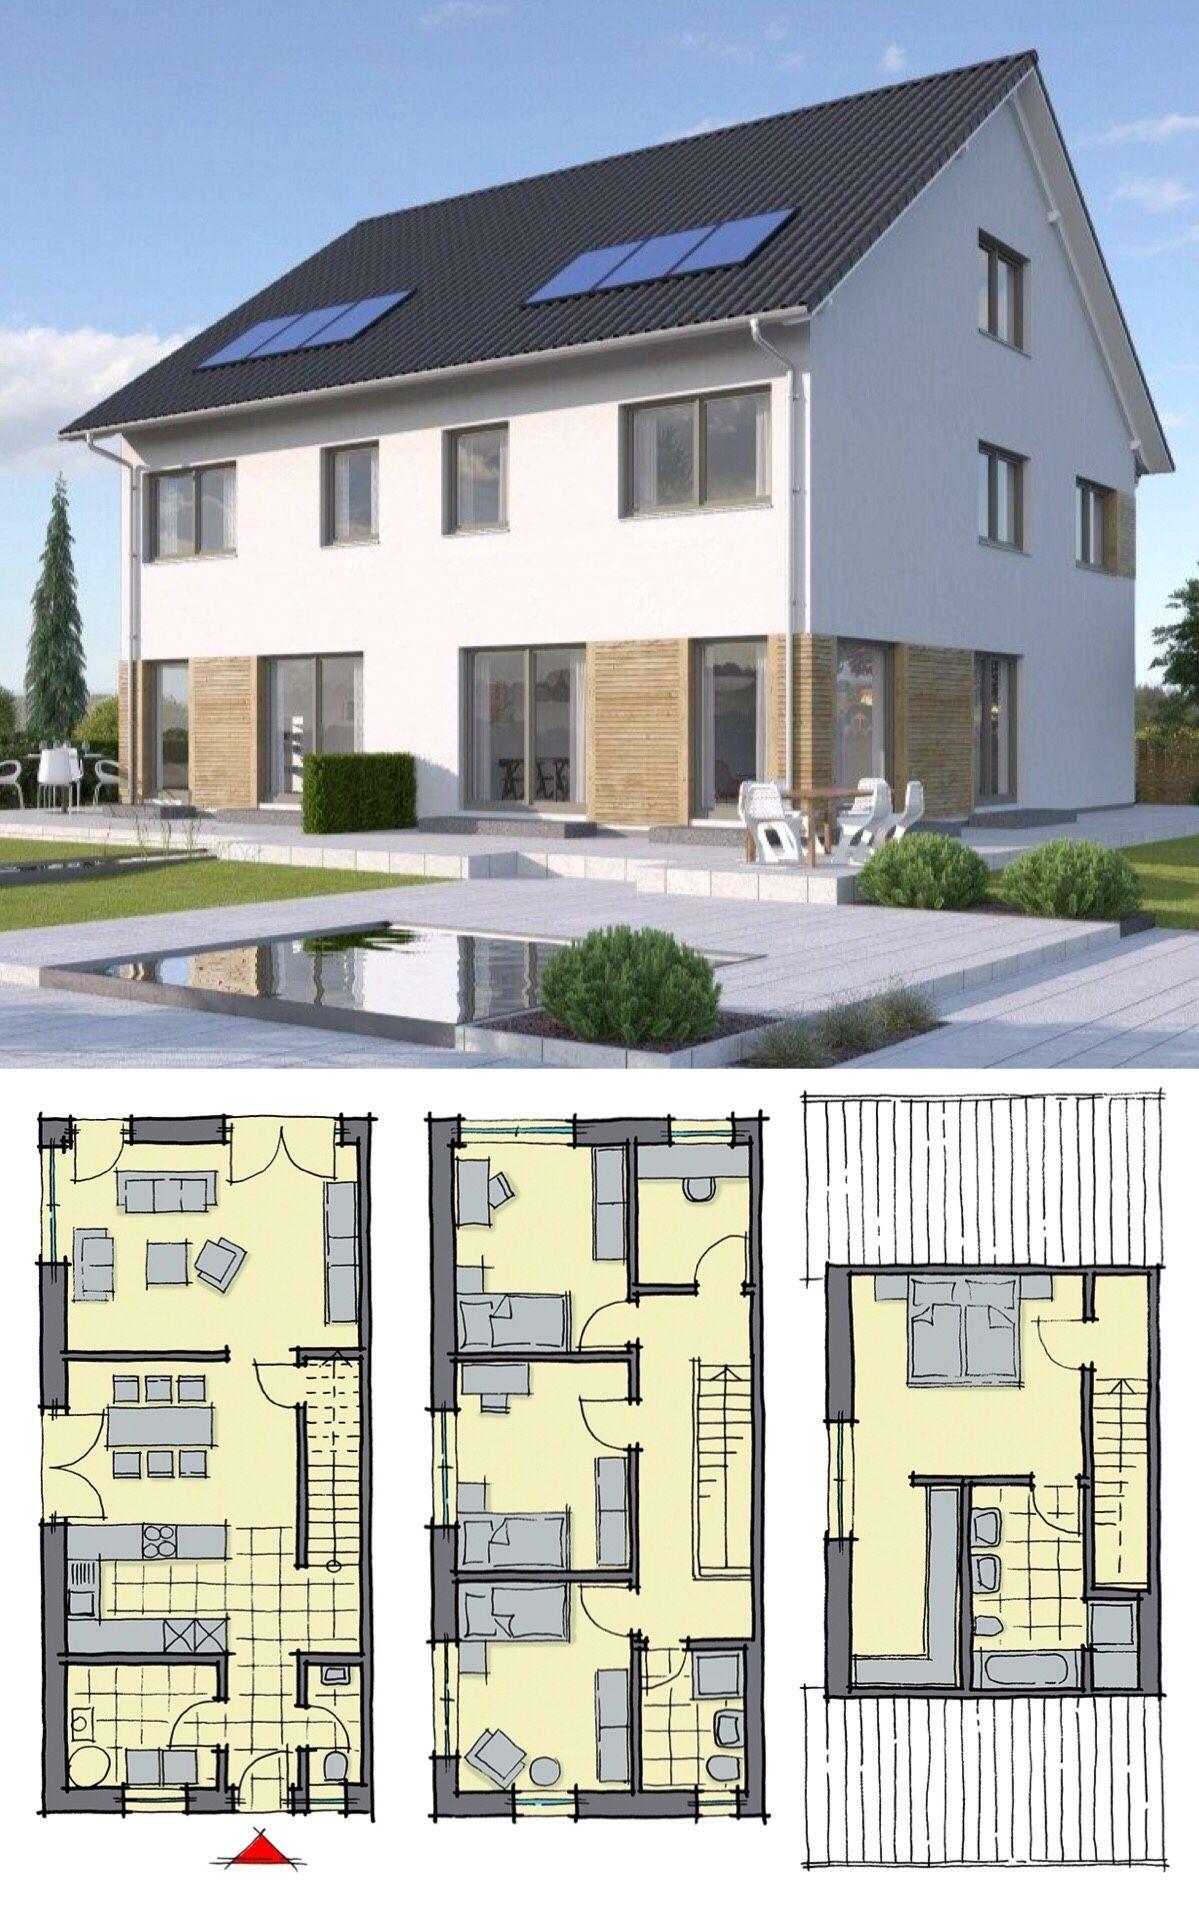 doppelhaus modern mit satteldach architektur 6 zimmer grundriss schmal 140 qm treppe gerade